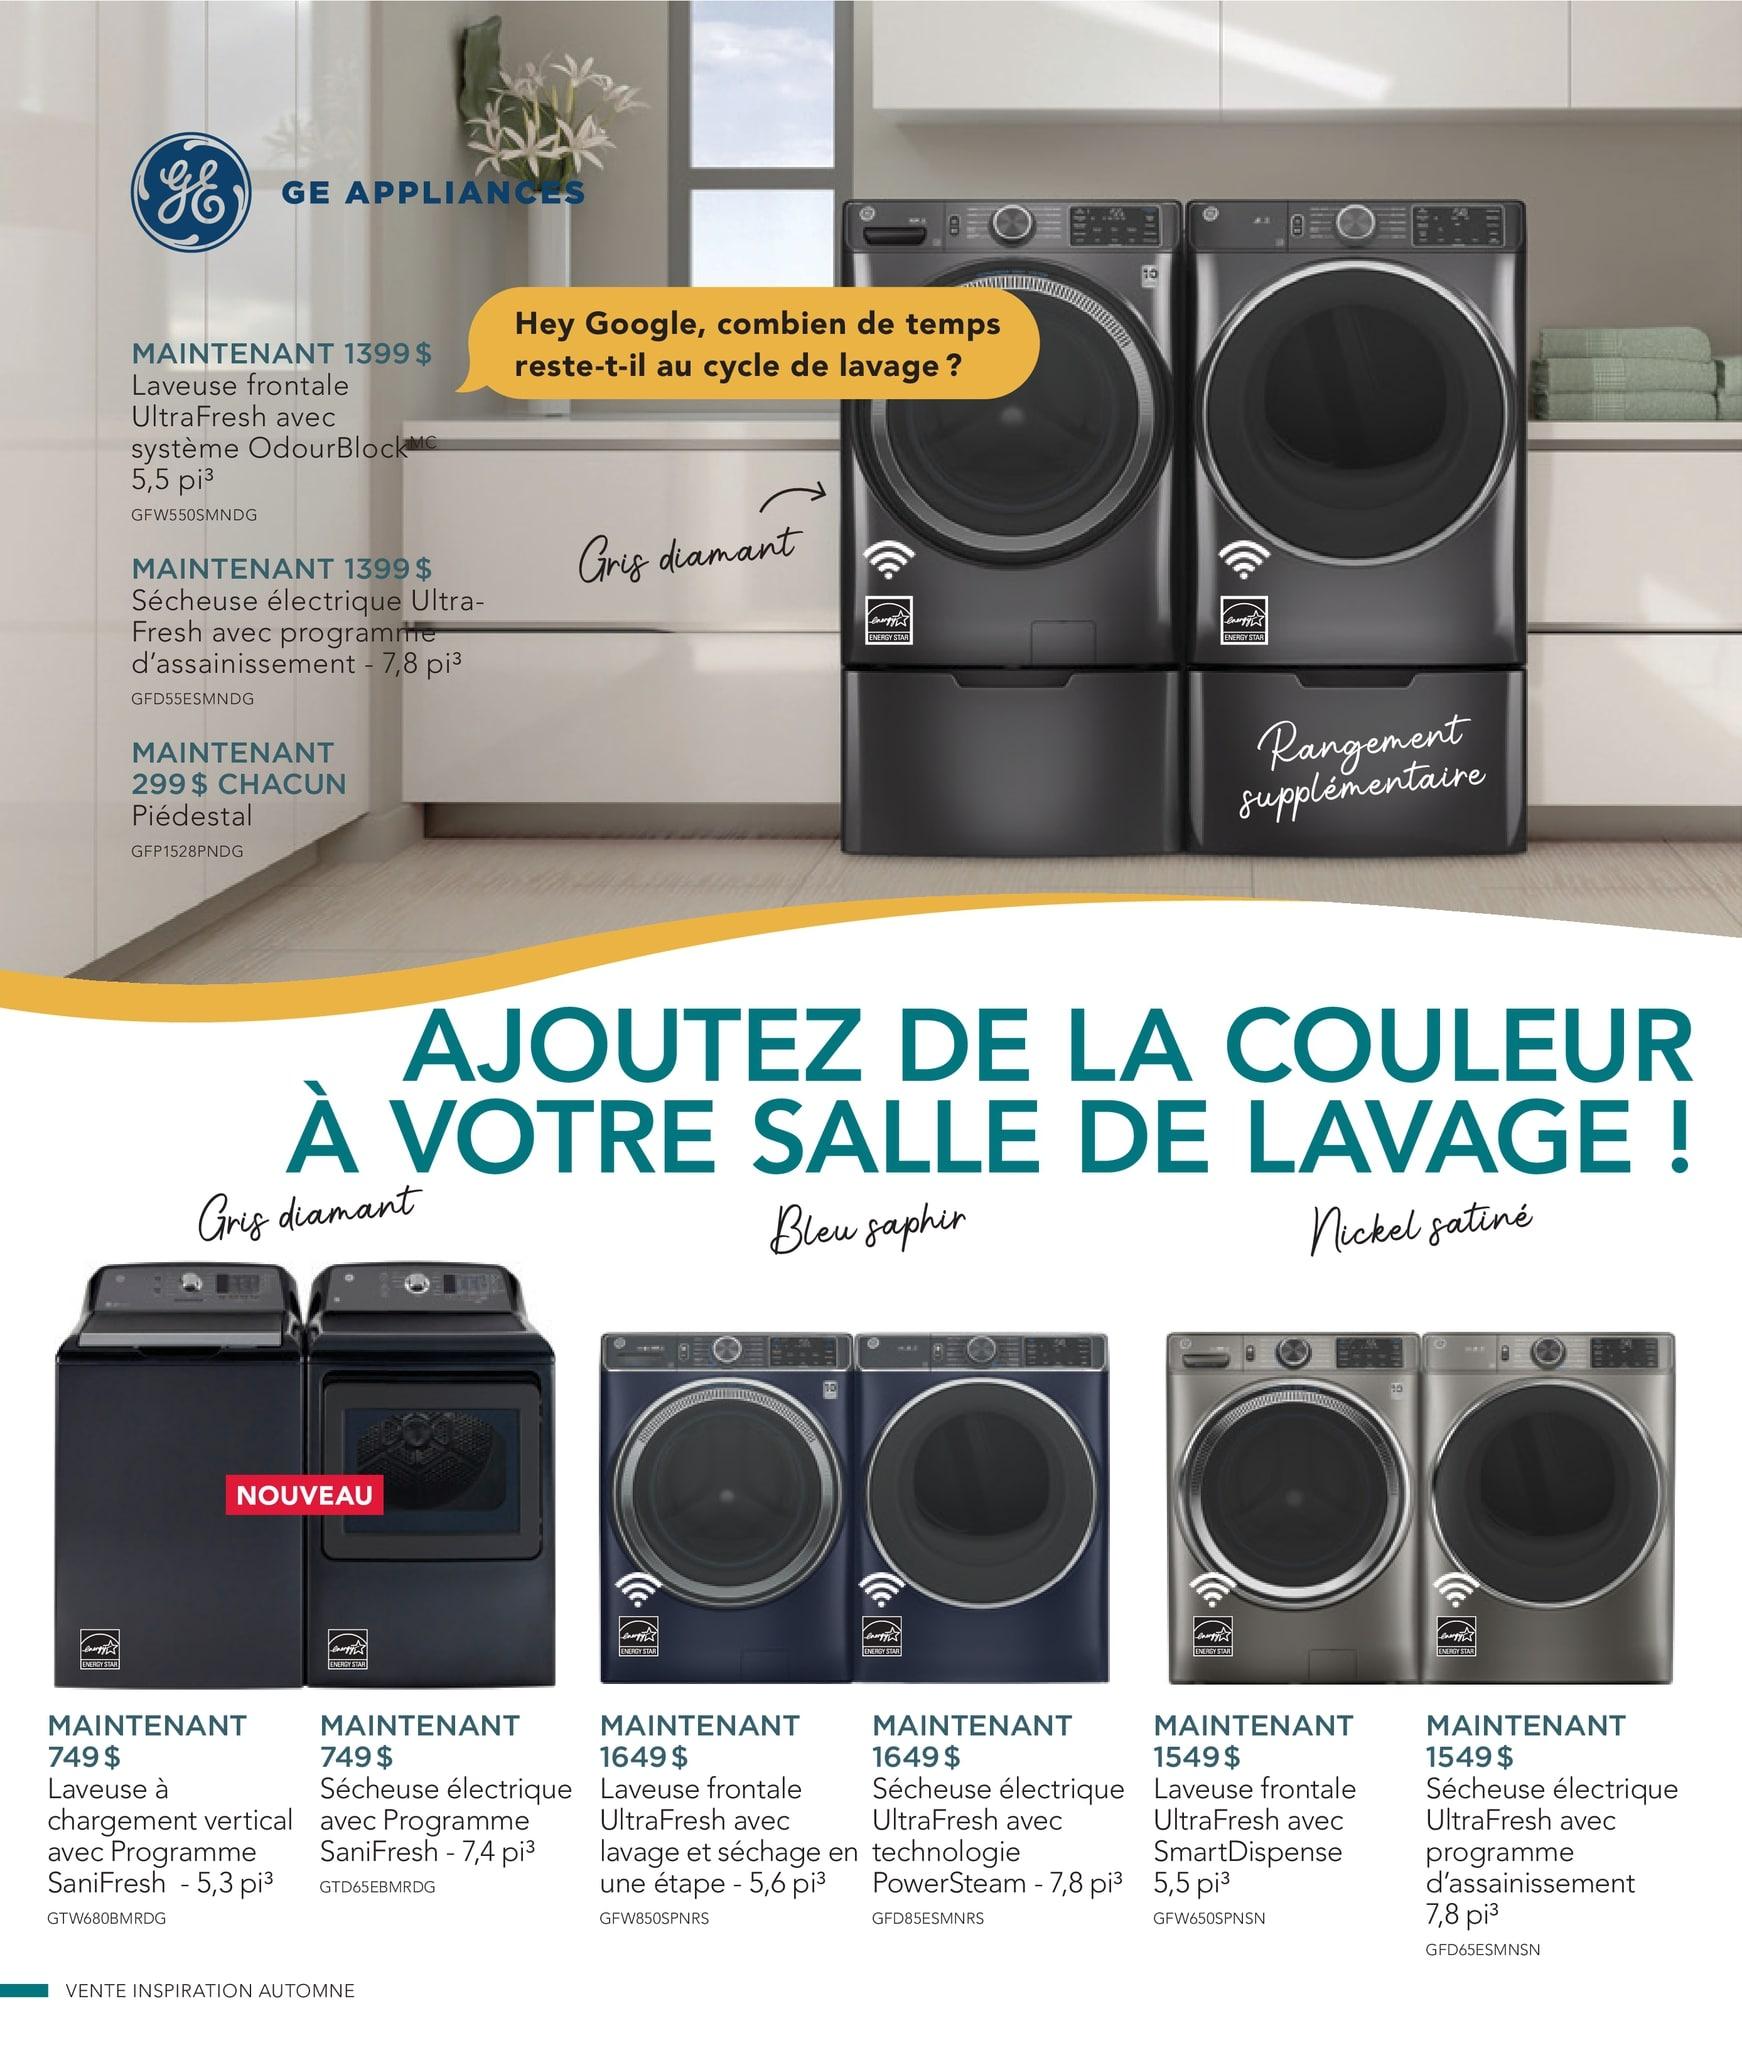 Circulaire Ameublement BrandSource Poulin du  1 au 18 octobre 2021 - Page 21